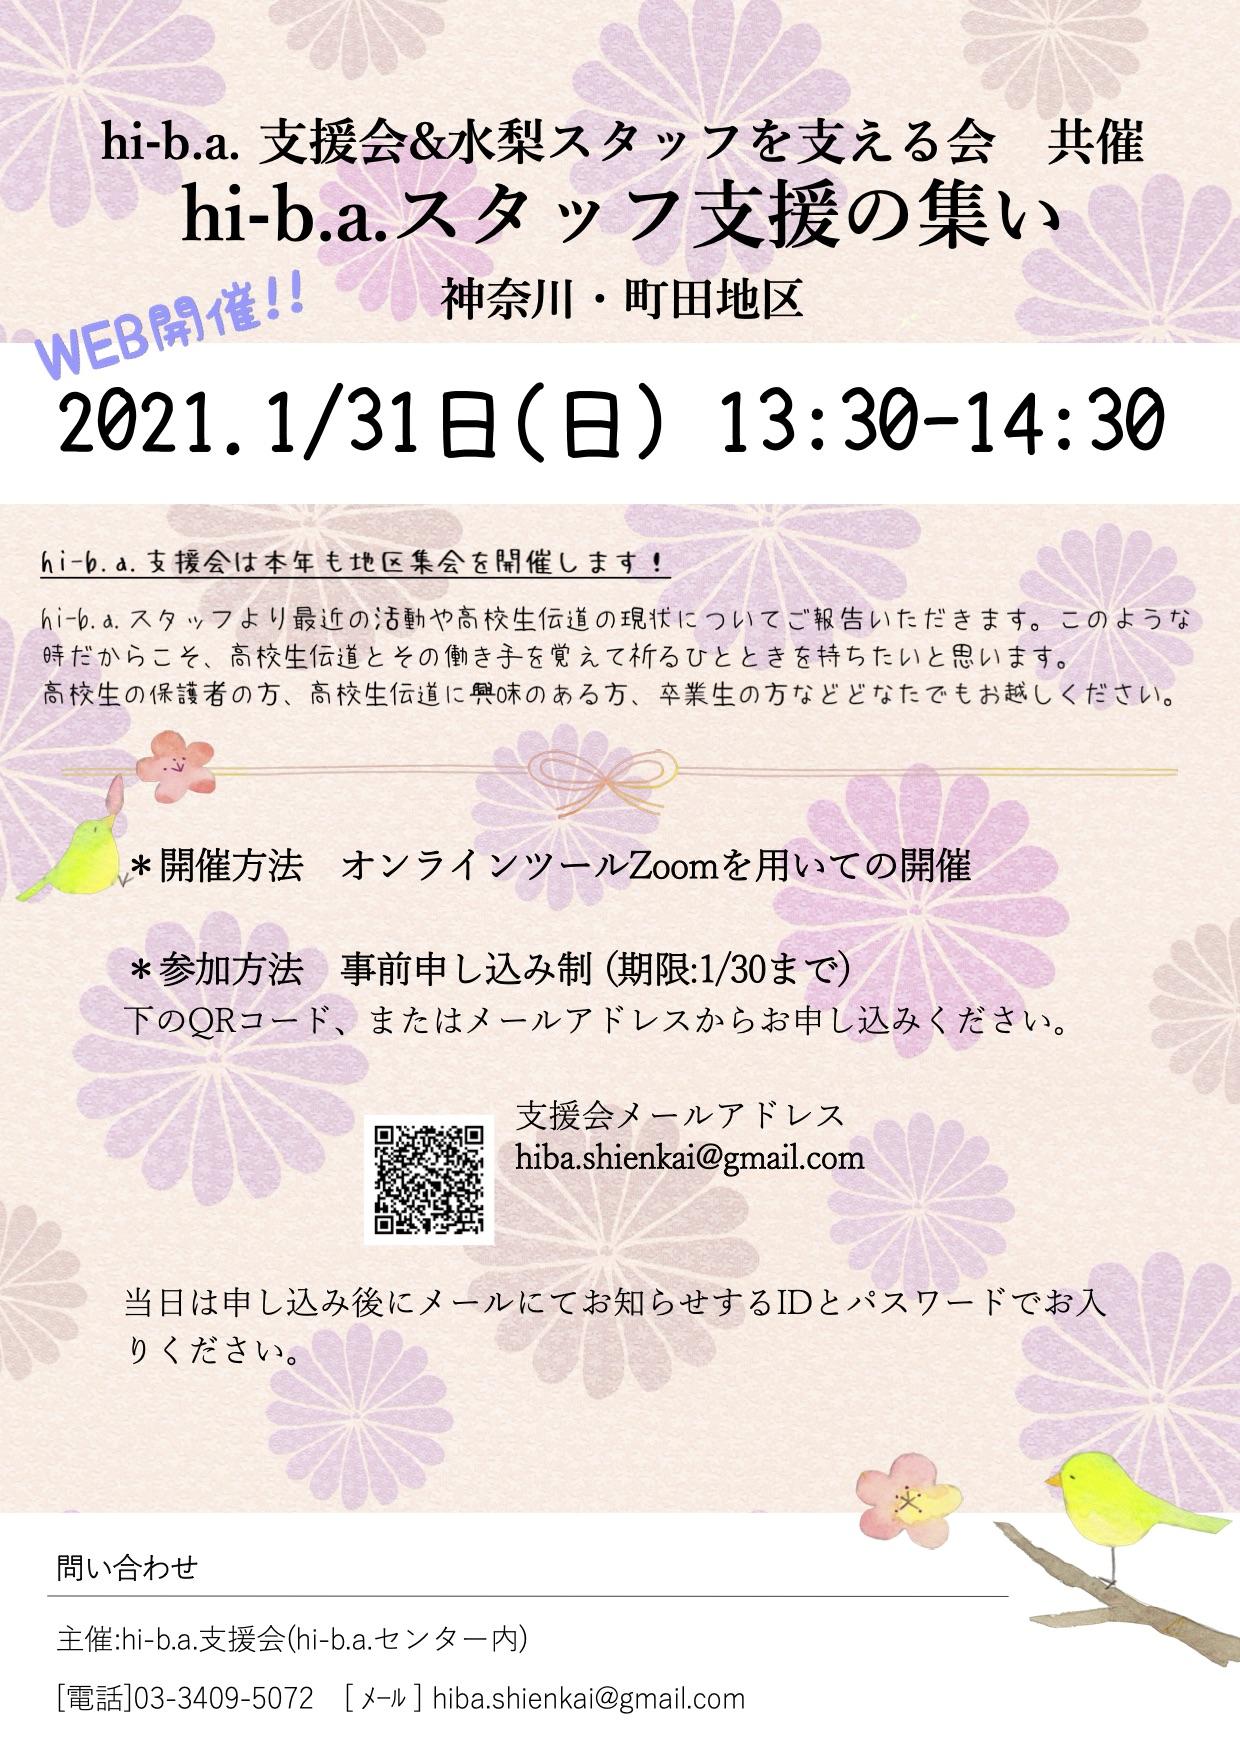 hi-b.a.スタッフ支援の集い(神奈川・町田地区)のチラシ